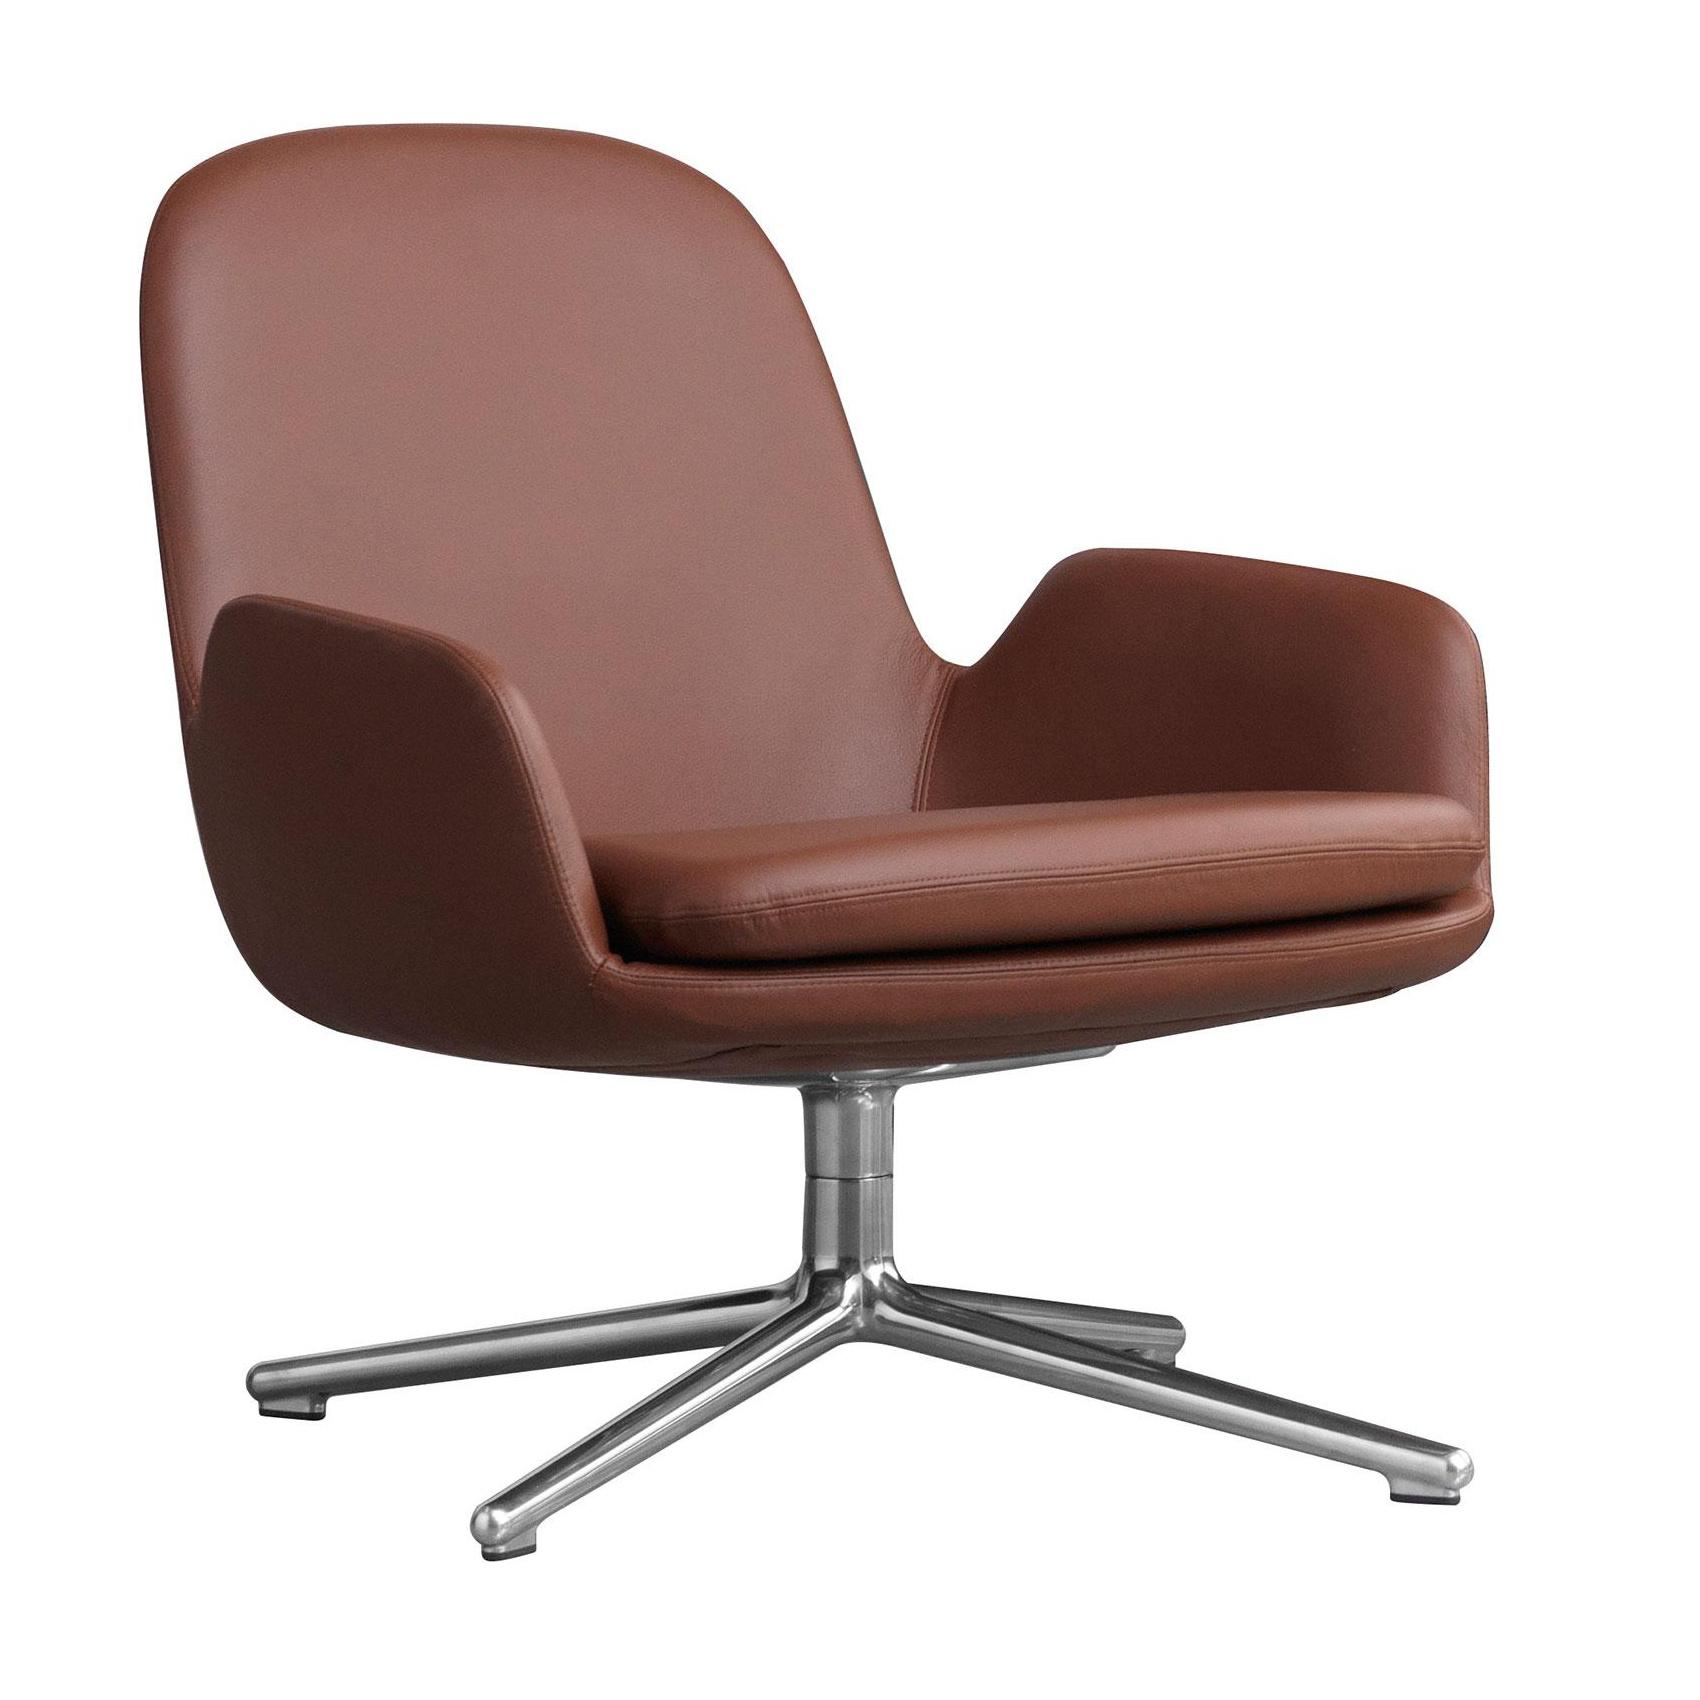 Normann Copenhagen Era Lounge Chair Low Drehstuhl Leder Alu Brandy Braun Leder Gestell Aluminium H X B X T 77 X 83 X 83 Cm Moebel Suchmaschine Ladendirekt De